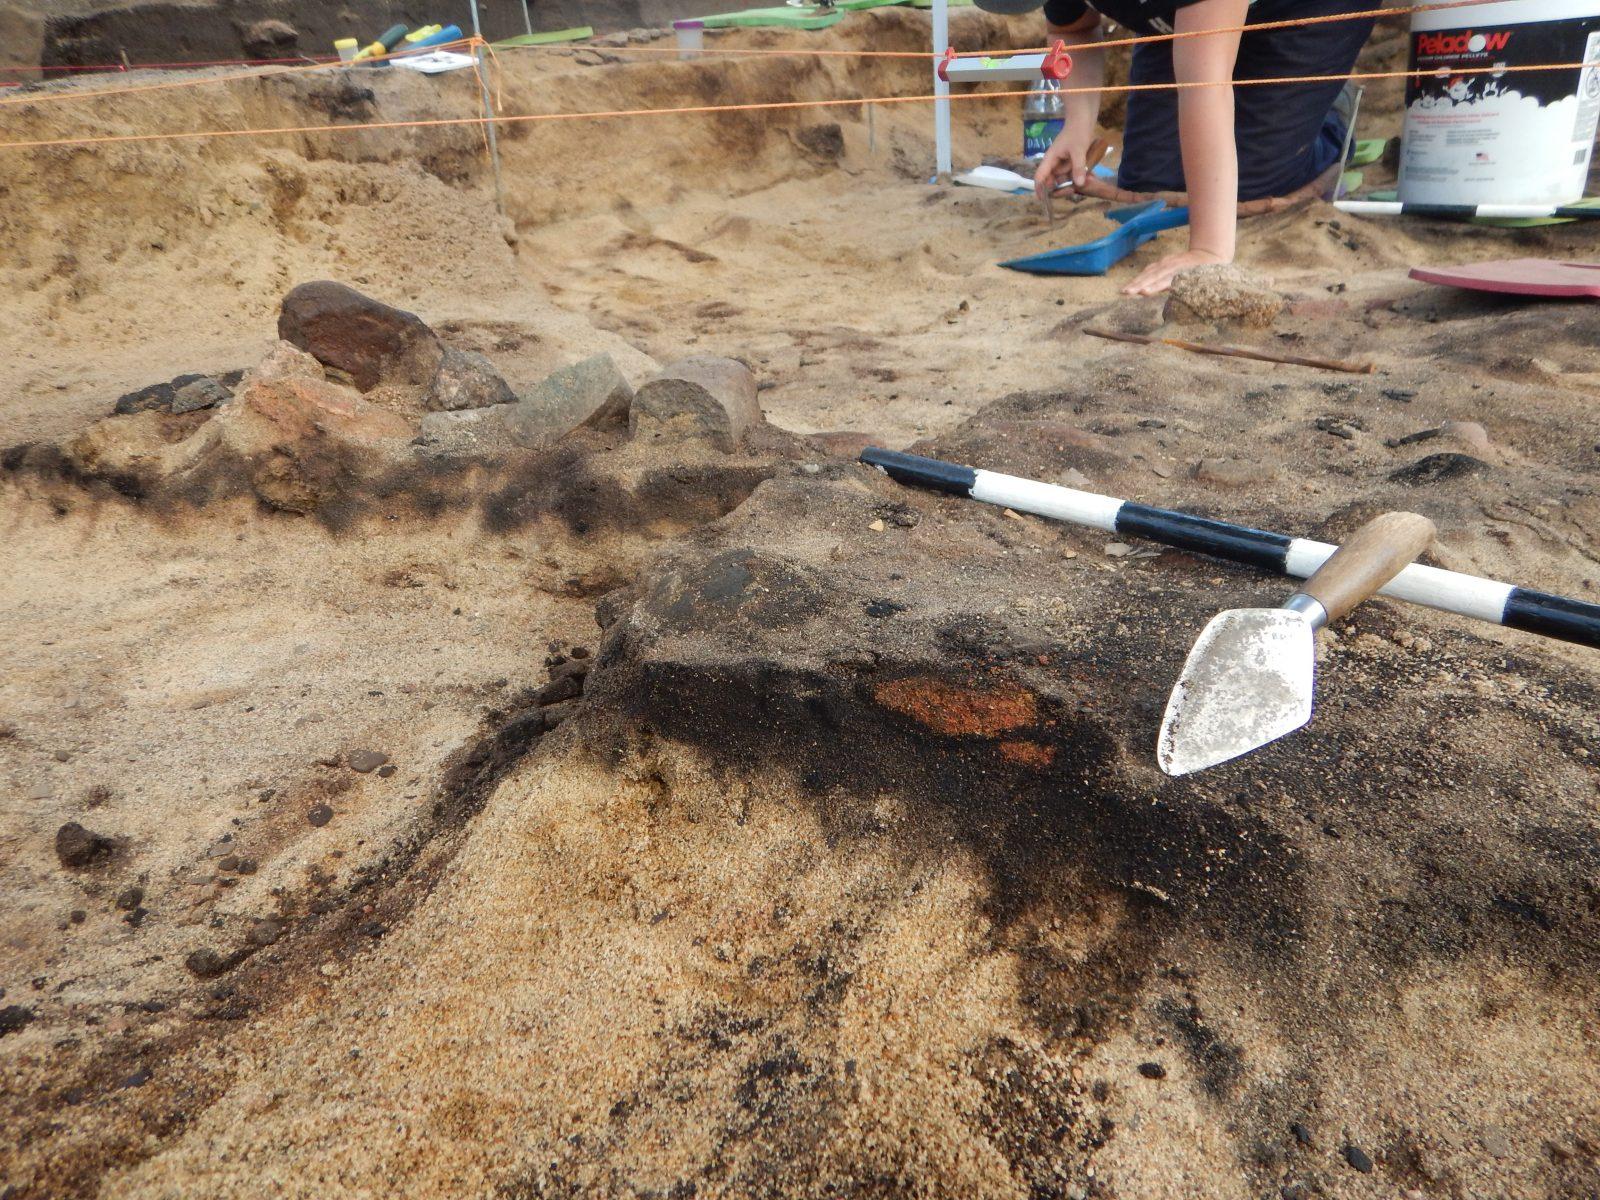 De nouvelles découvertes archéologiques à Mashteuiatsh